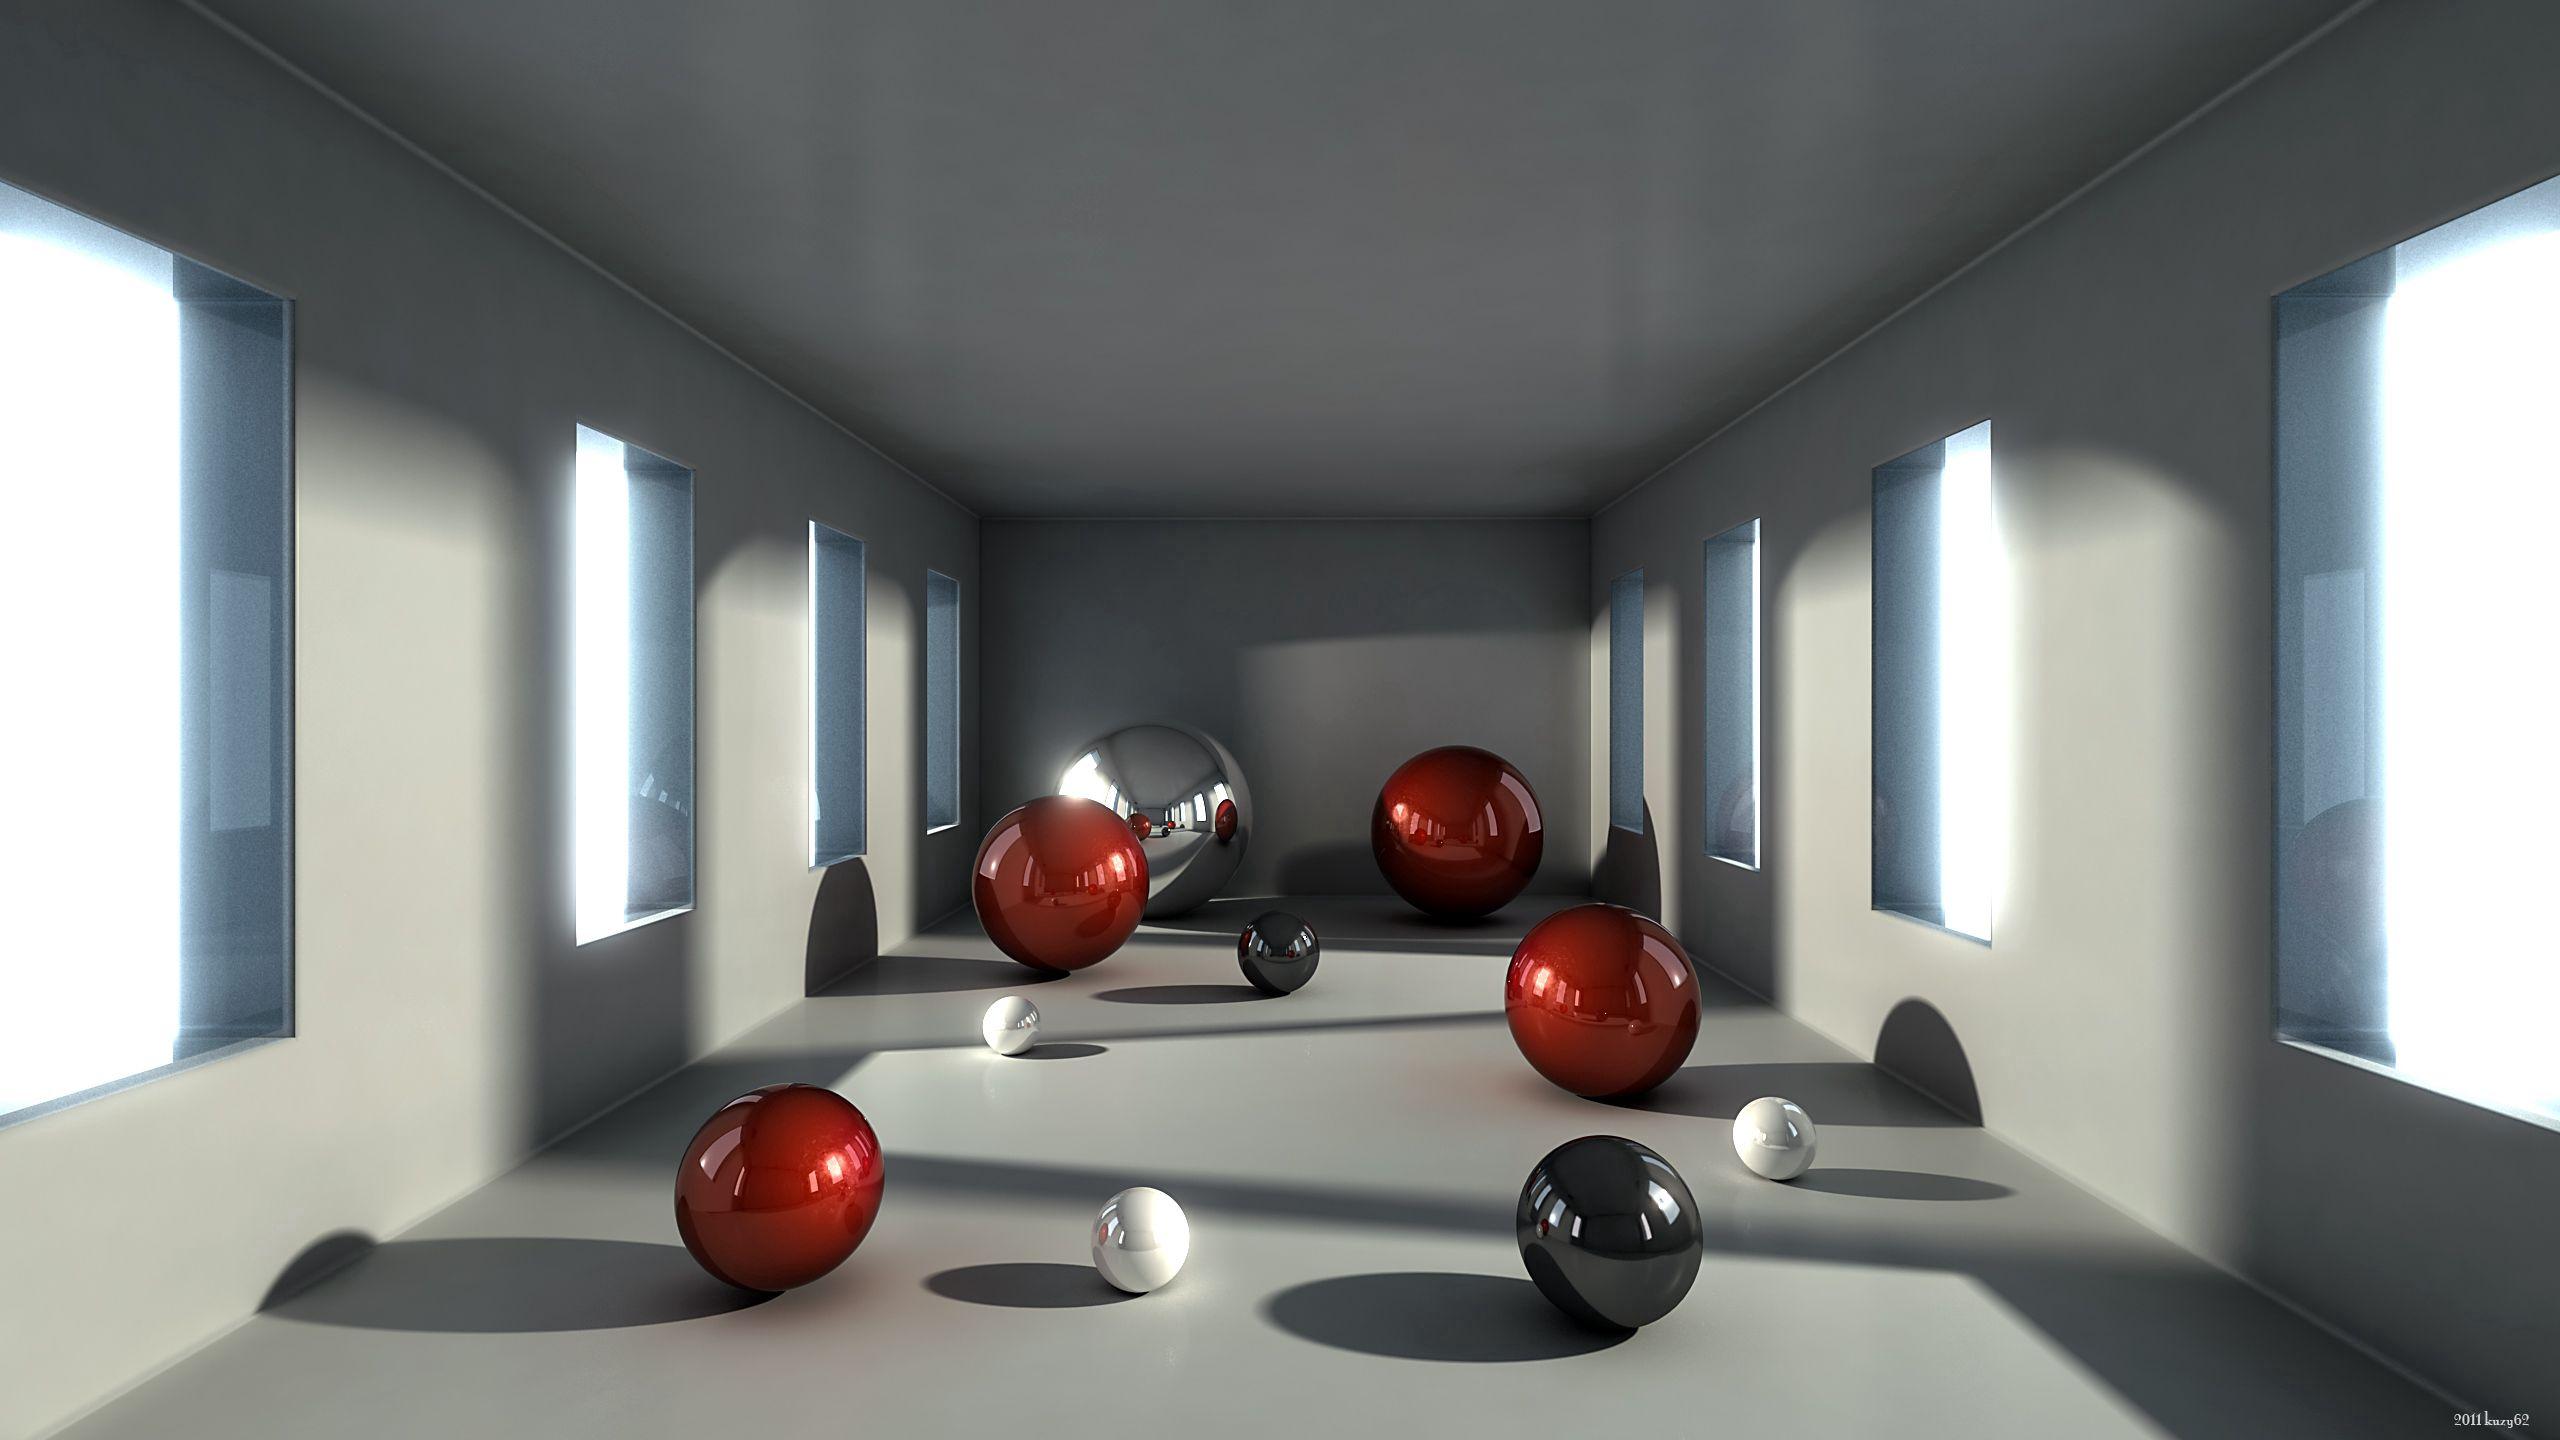 157619 économiseurs d'écran et fonds d'écran 3D sur votre téléphone. Téléchargez 3D, Forme, Espace, Formes, Locaux, Chambre, Des Balles, Balles, Dimensions (Modifier), Dimension images gratuitement